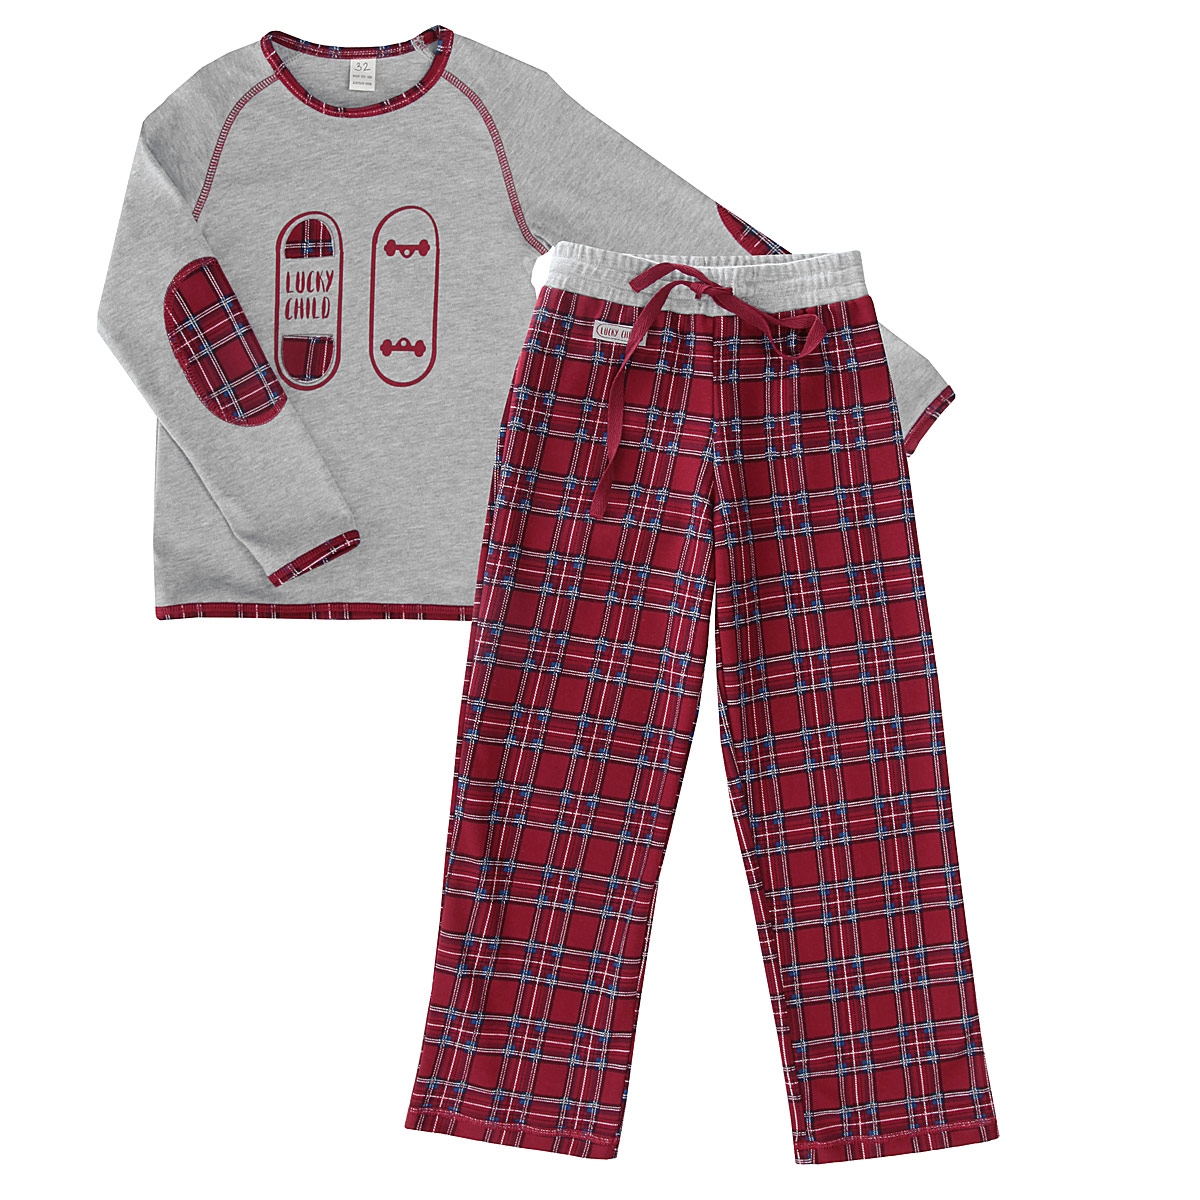 Пижама для мальчика Lucky Child, цвет: серый, бордовый. 13-400. Размер 26. Рост 86/9213-400Очаровательная пижама для мальчика Lucky Child, состоящая из джемпера и брюк, идеально подойдет вашему ребенку и станет отличным дополнением к детскому гардеробу. Изготовленная из натурального хлопка, она необычайно мягкая и приятная на ощупь, не раздражает нежную кожу ребенка и хорошо вентилируется, а эластичные швы приятны телу и не препятствуют движениям. Джемпер с длинными рукавами-реглан и круглым вырезом горловины оформлена принтом и аппликацией в виде скейтборда, а также контрастной строчкой. Вырез горловины, края рукавов и низ изделия дополнены трикотажной бейкой контрастного цвета. Рукава оформлены декоративными заплатами с принтом в клетку. Брюки на талии имеют широкую эластичную резинку, регулируемую шнурком, благодаря чему, они не сдавливают живот и не сползают. Оформлено изделие принтом в клетку и декорировано небольшой нашивкой с называнием бренда. Такая пижама идеально подойдет вашему ребенку, а мягкие полотна позволят ему комфортно чувствовать себя во время сна!